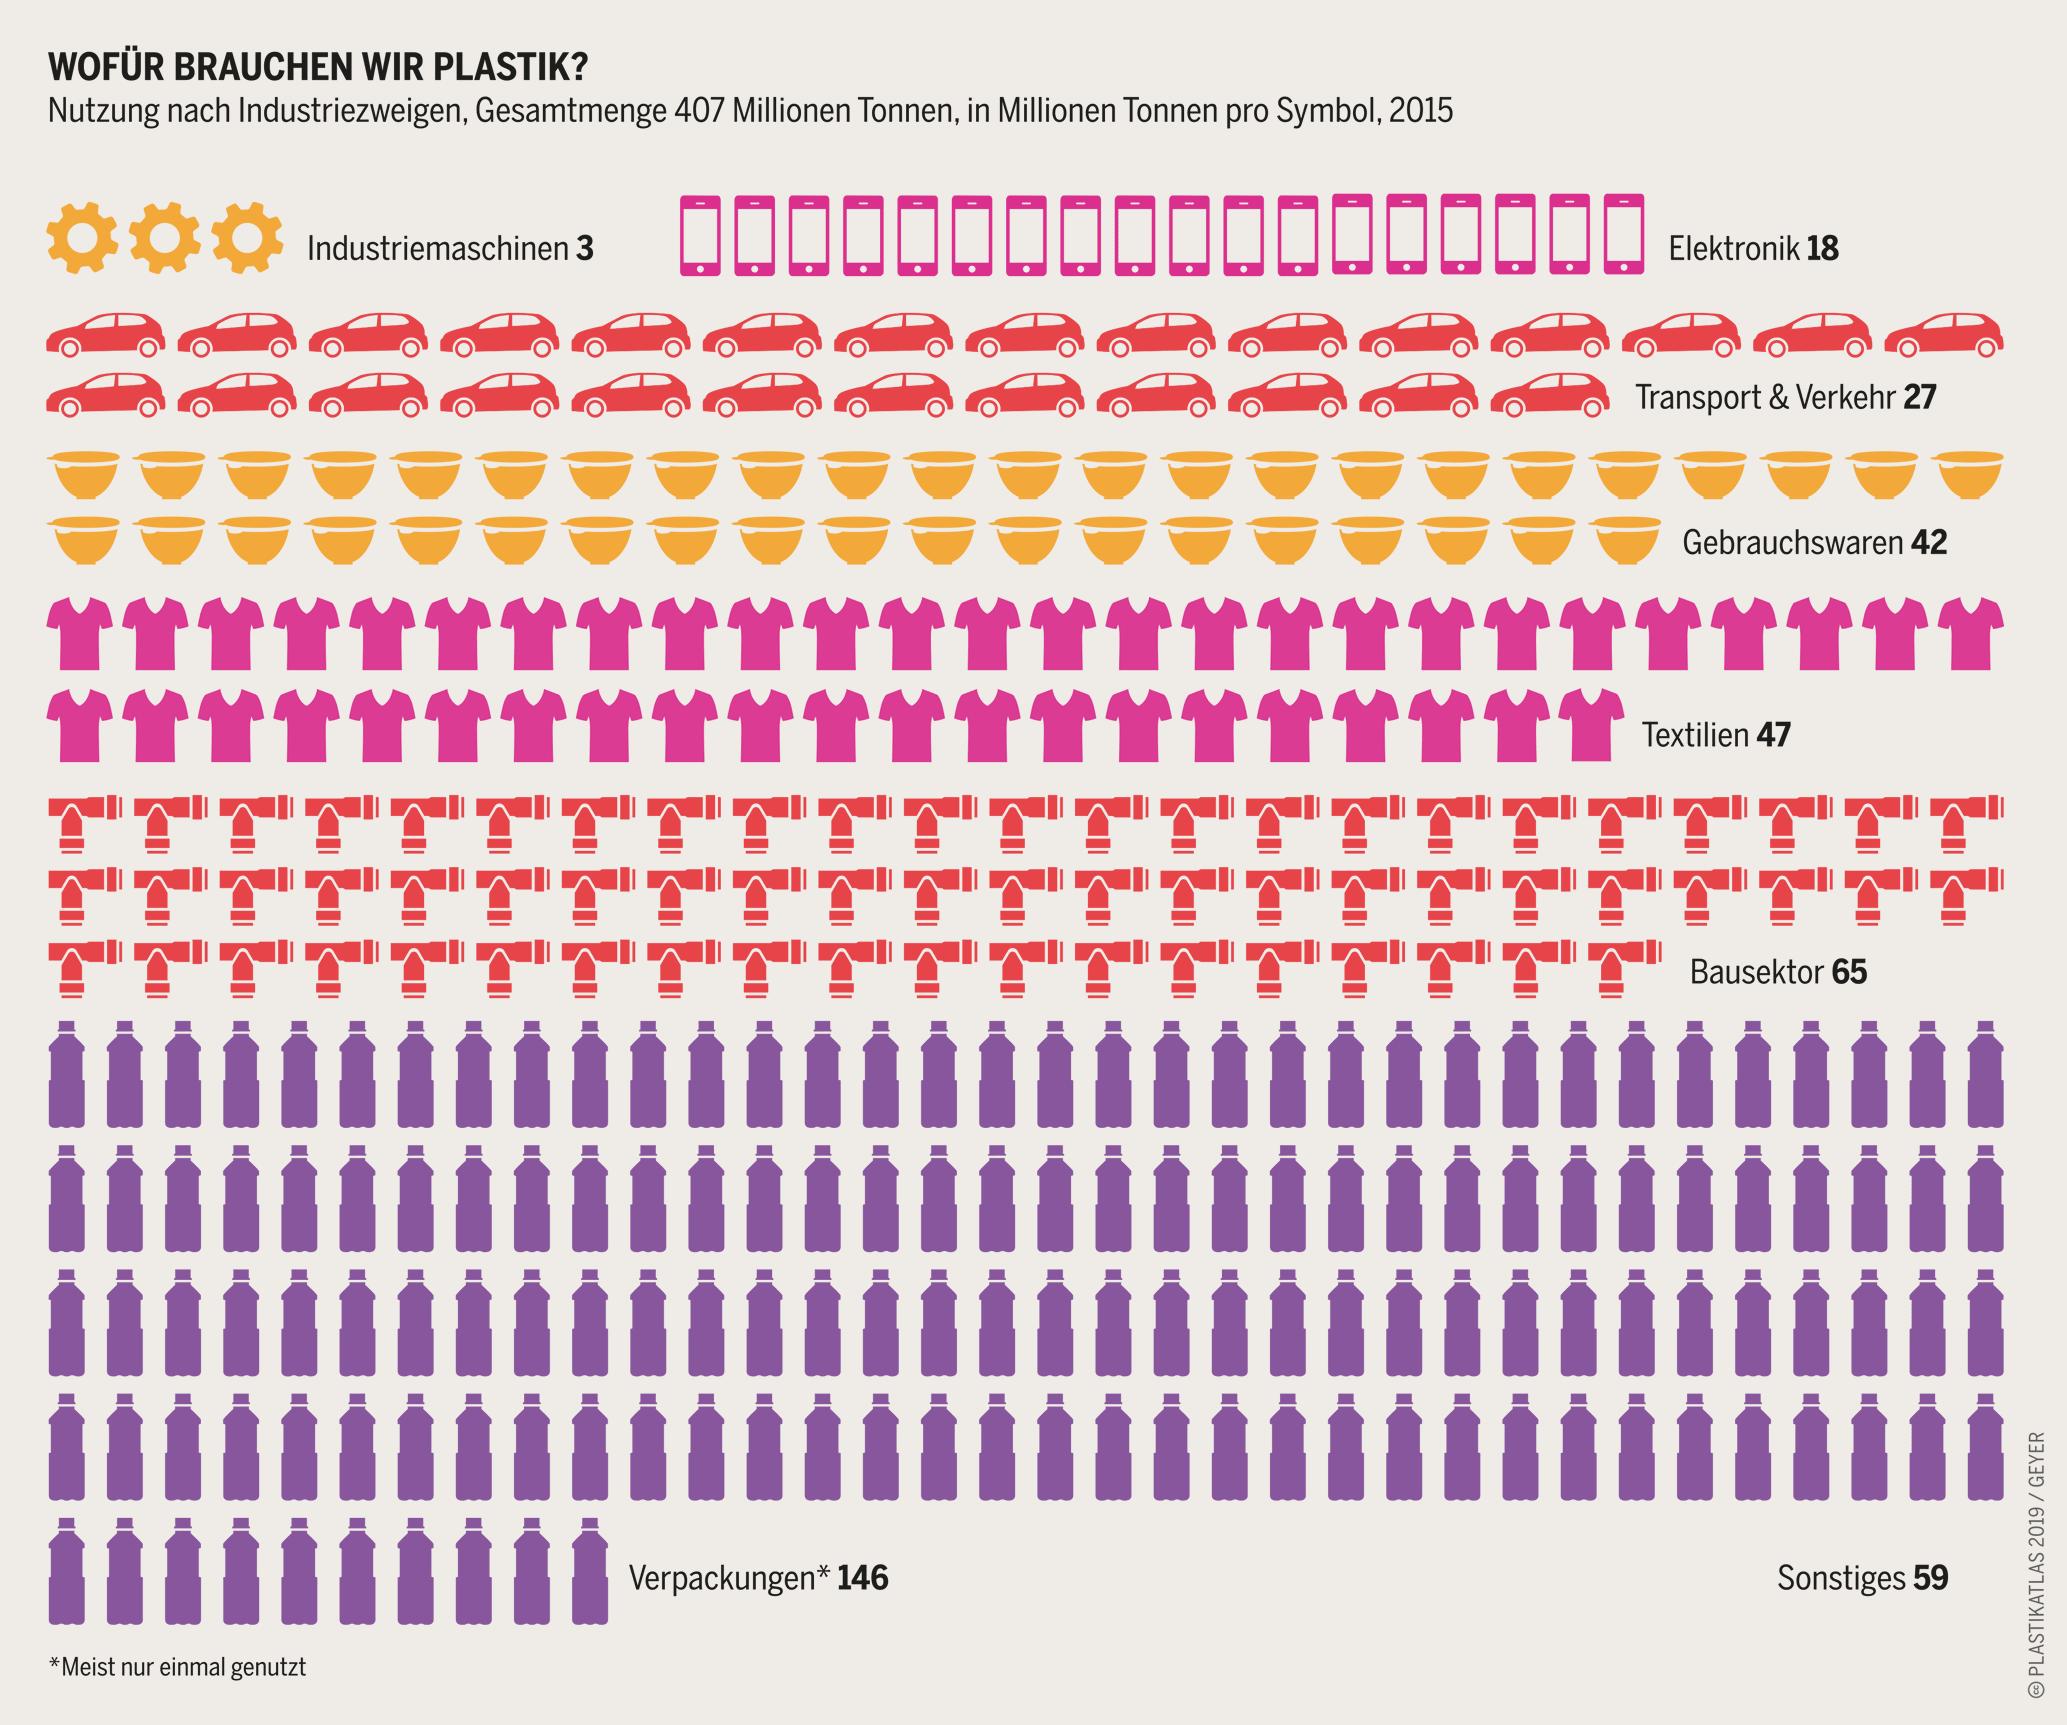 Grafik: Wofür brauchen wir Plastik?